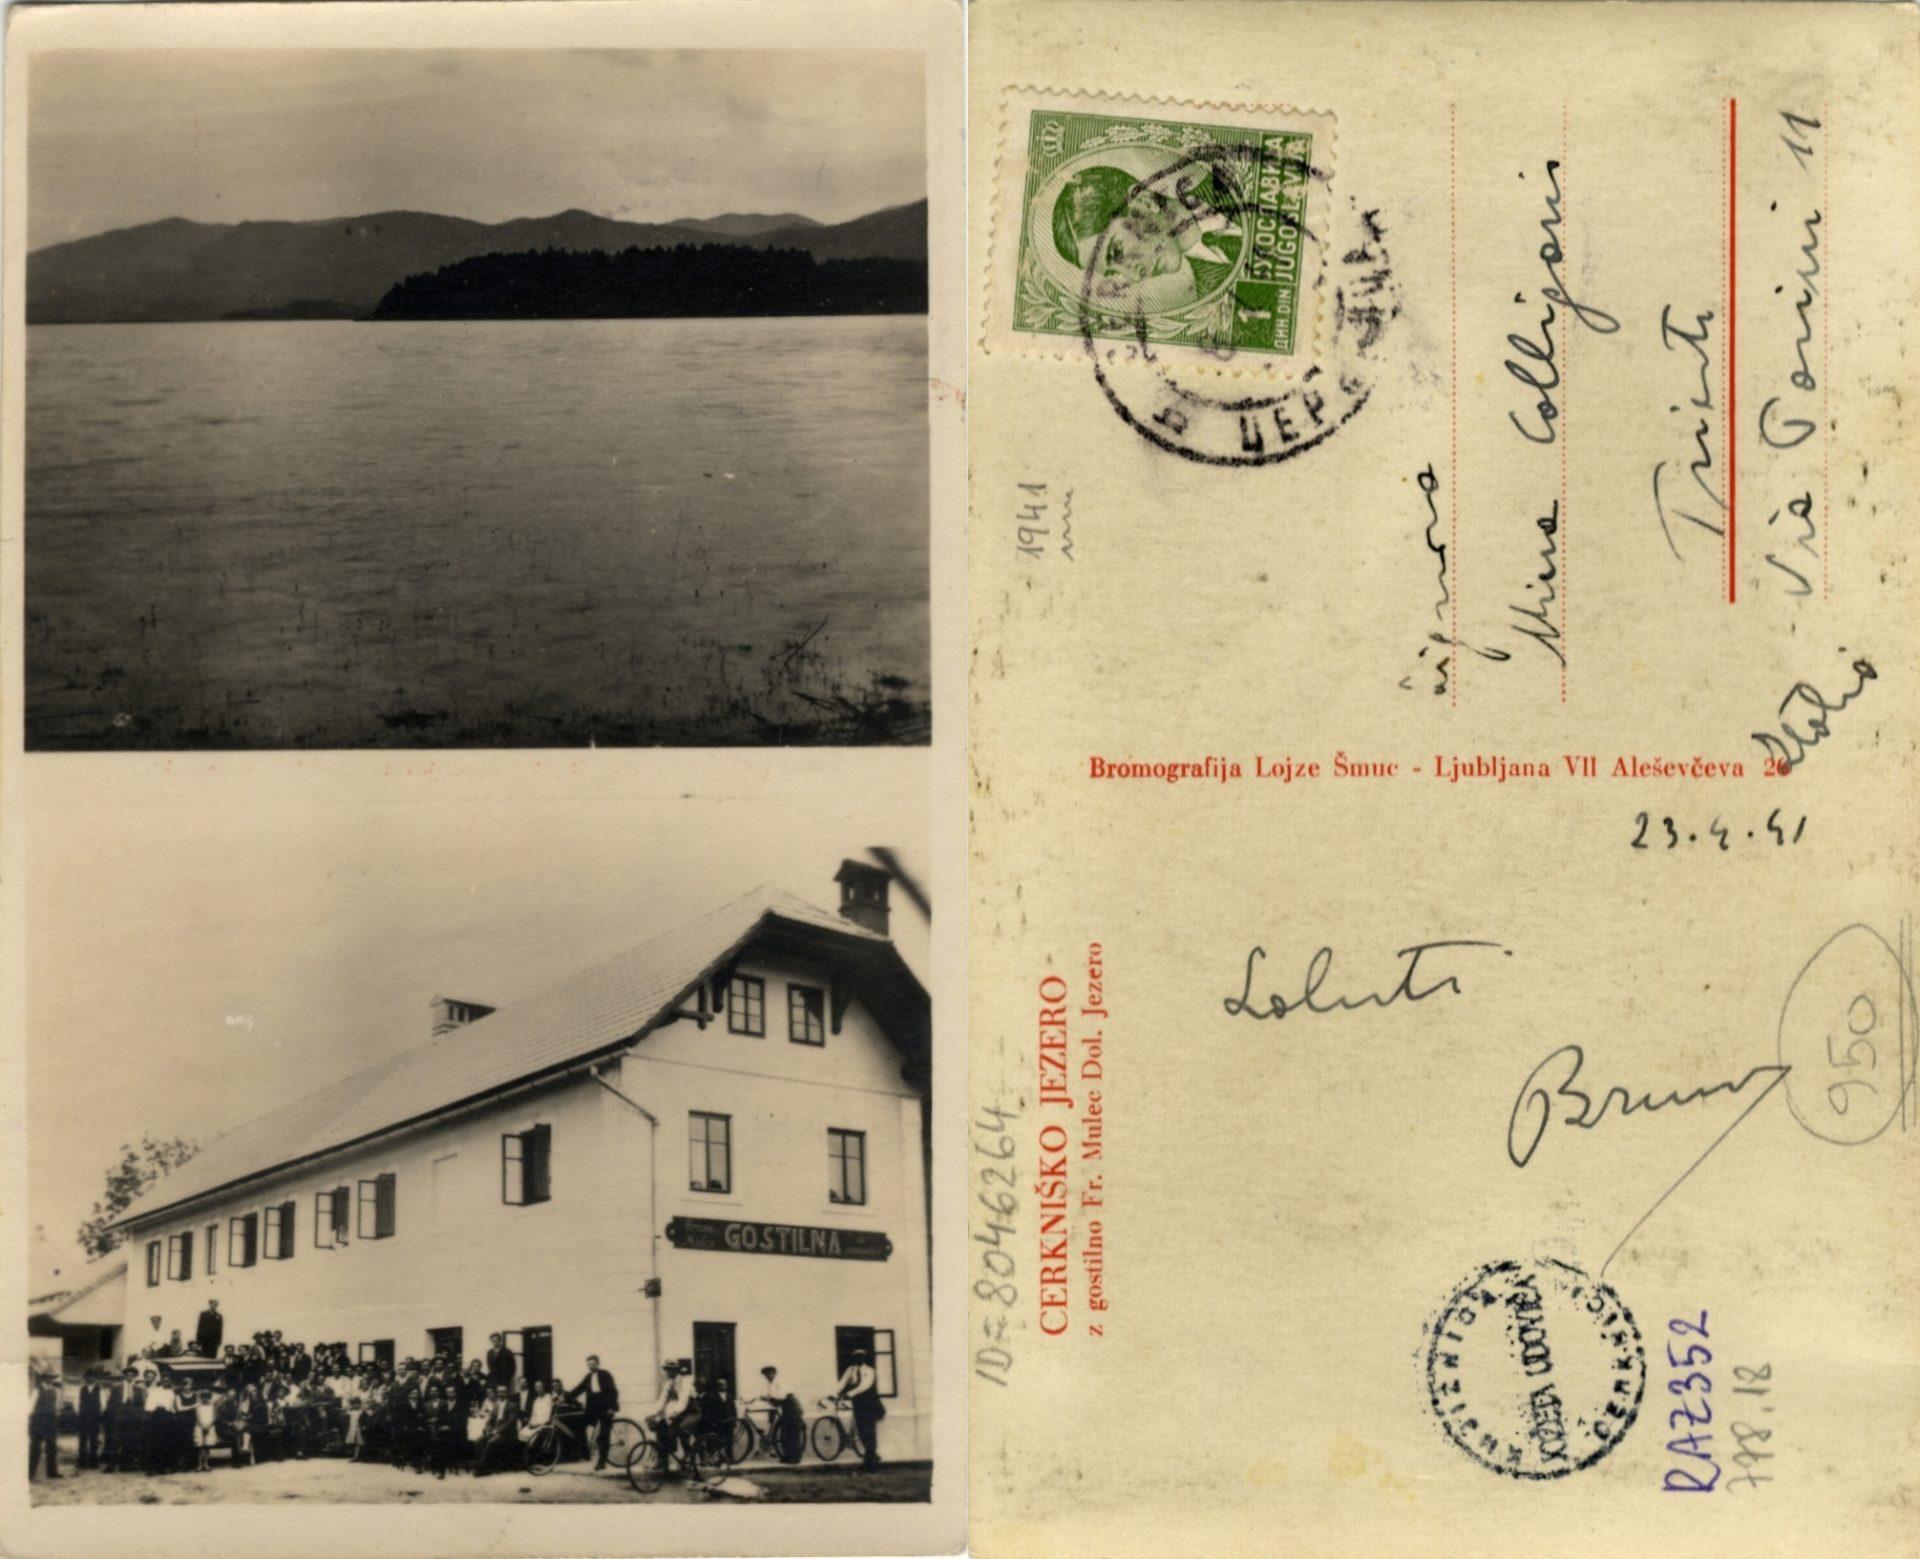 zlimano 11 - Cerkniško jezero